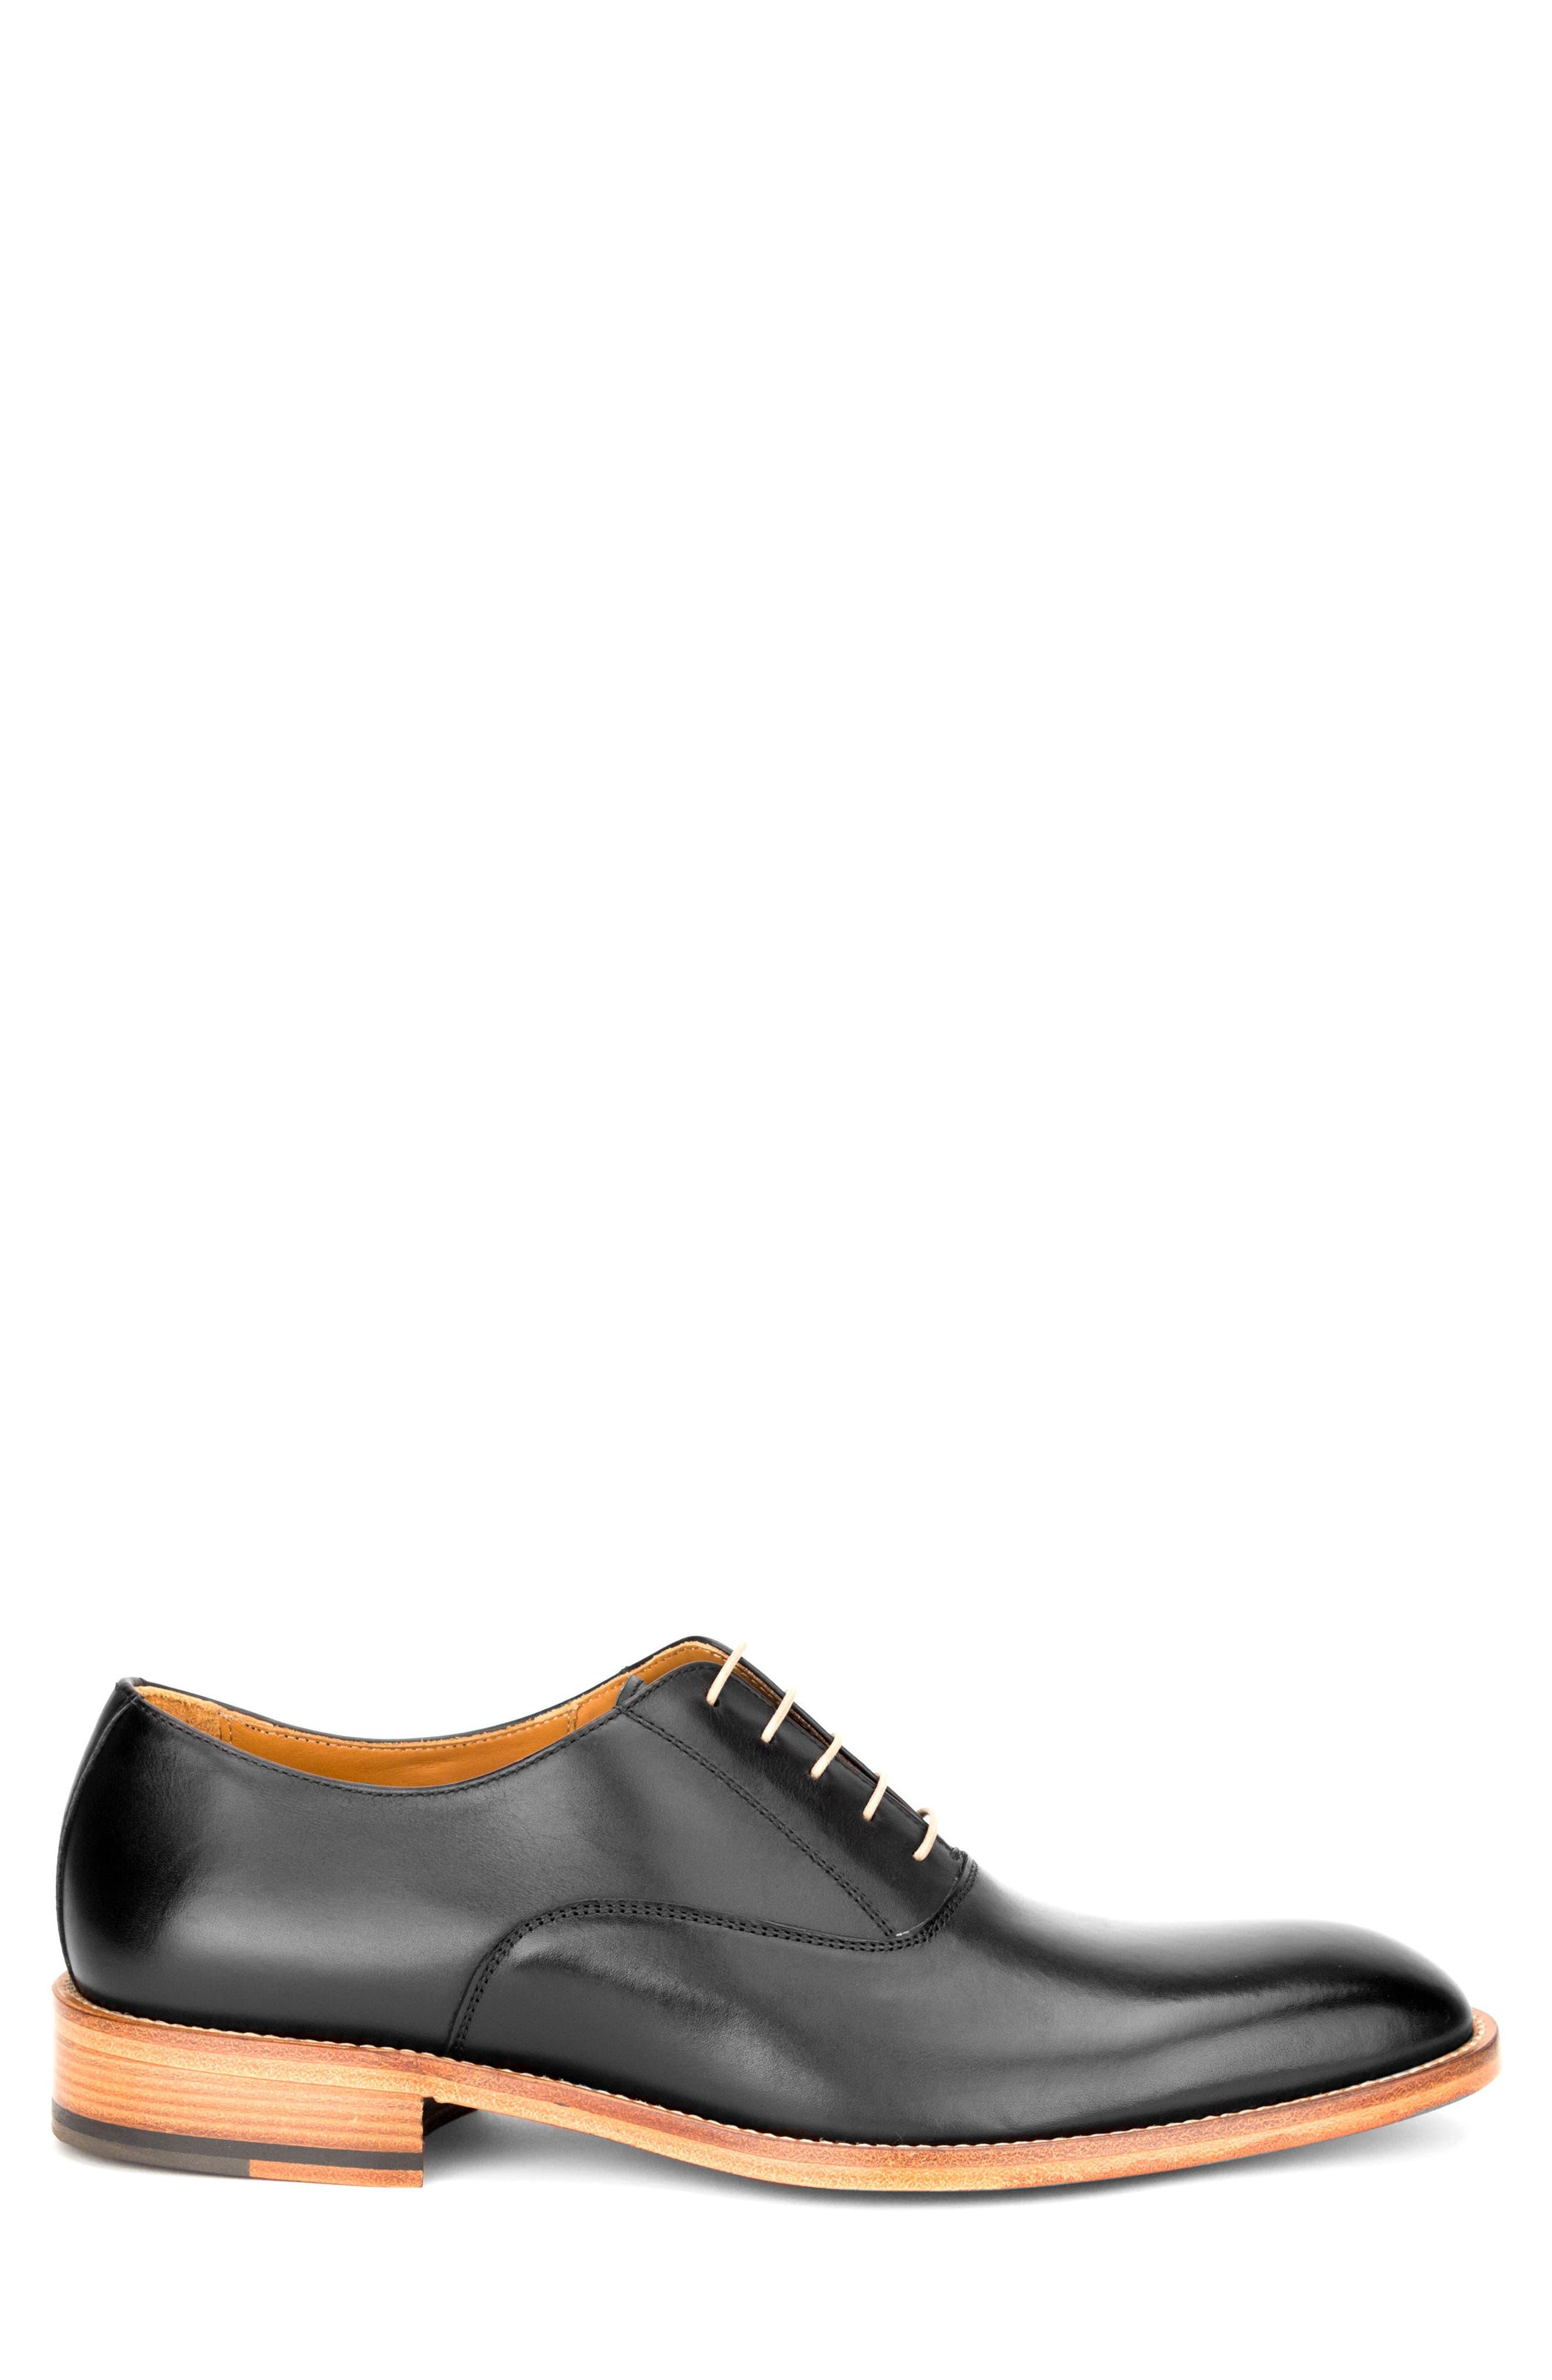 Oliver Plain Toe Oxford,                             Alternate thumbnail 3, color,                             BLACK LEATHER